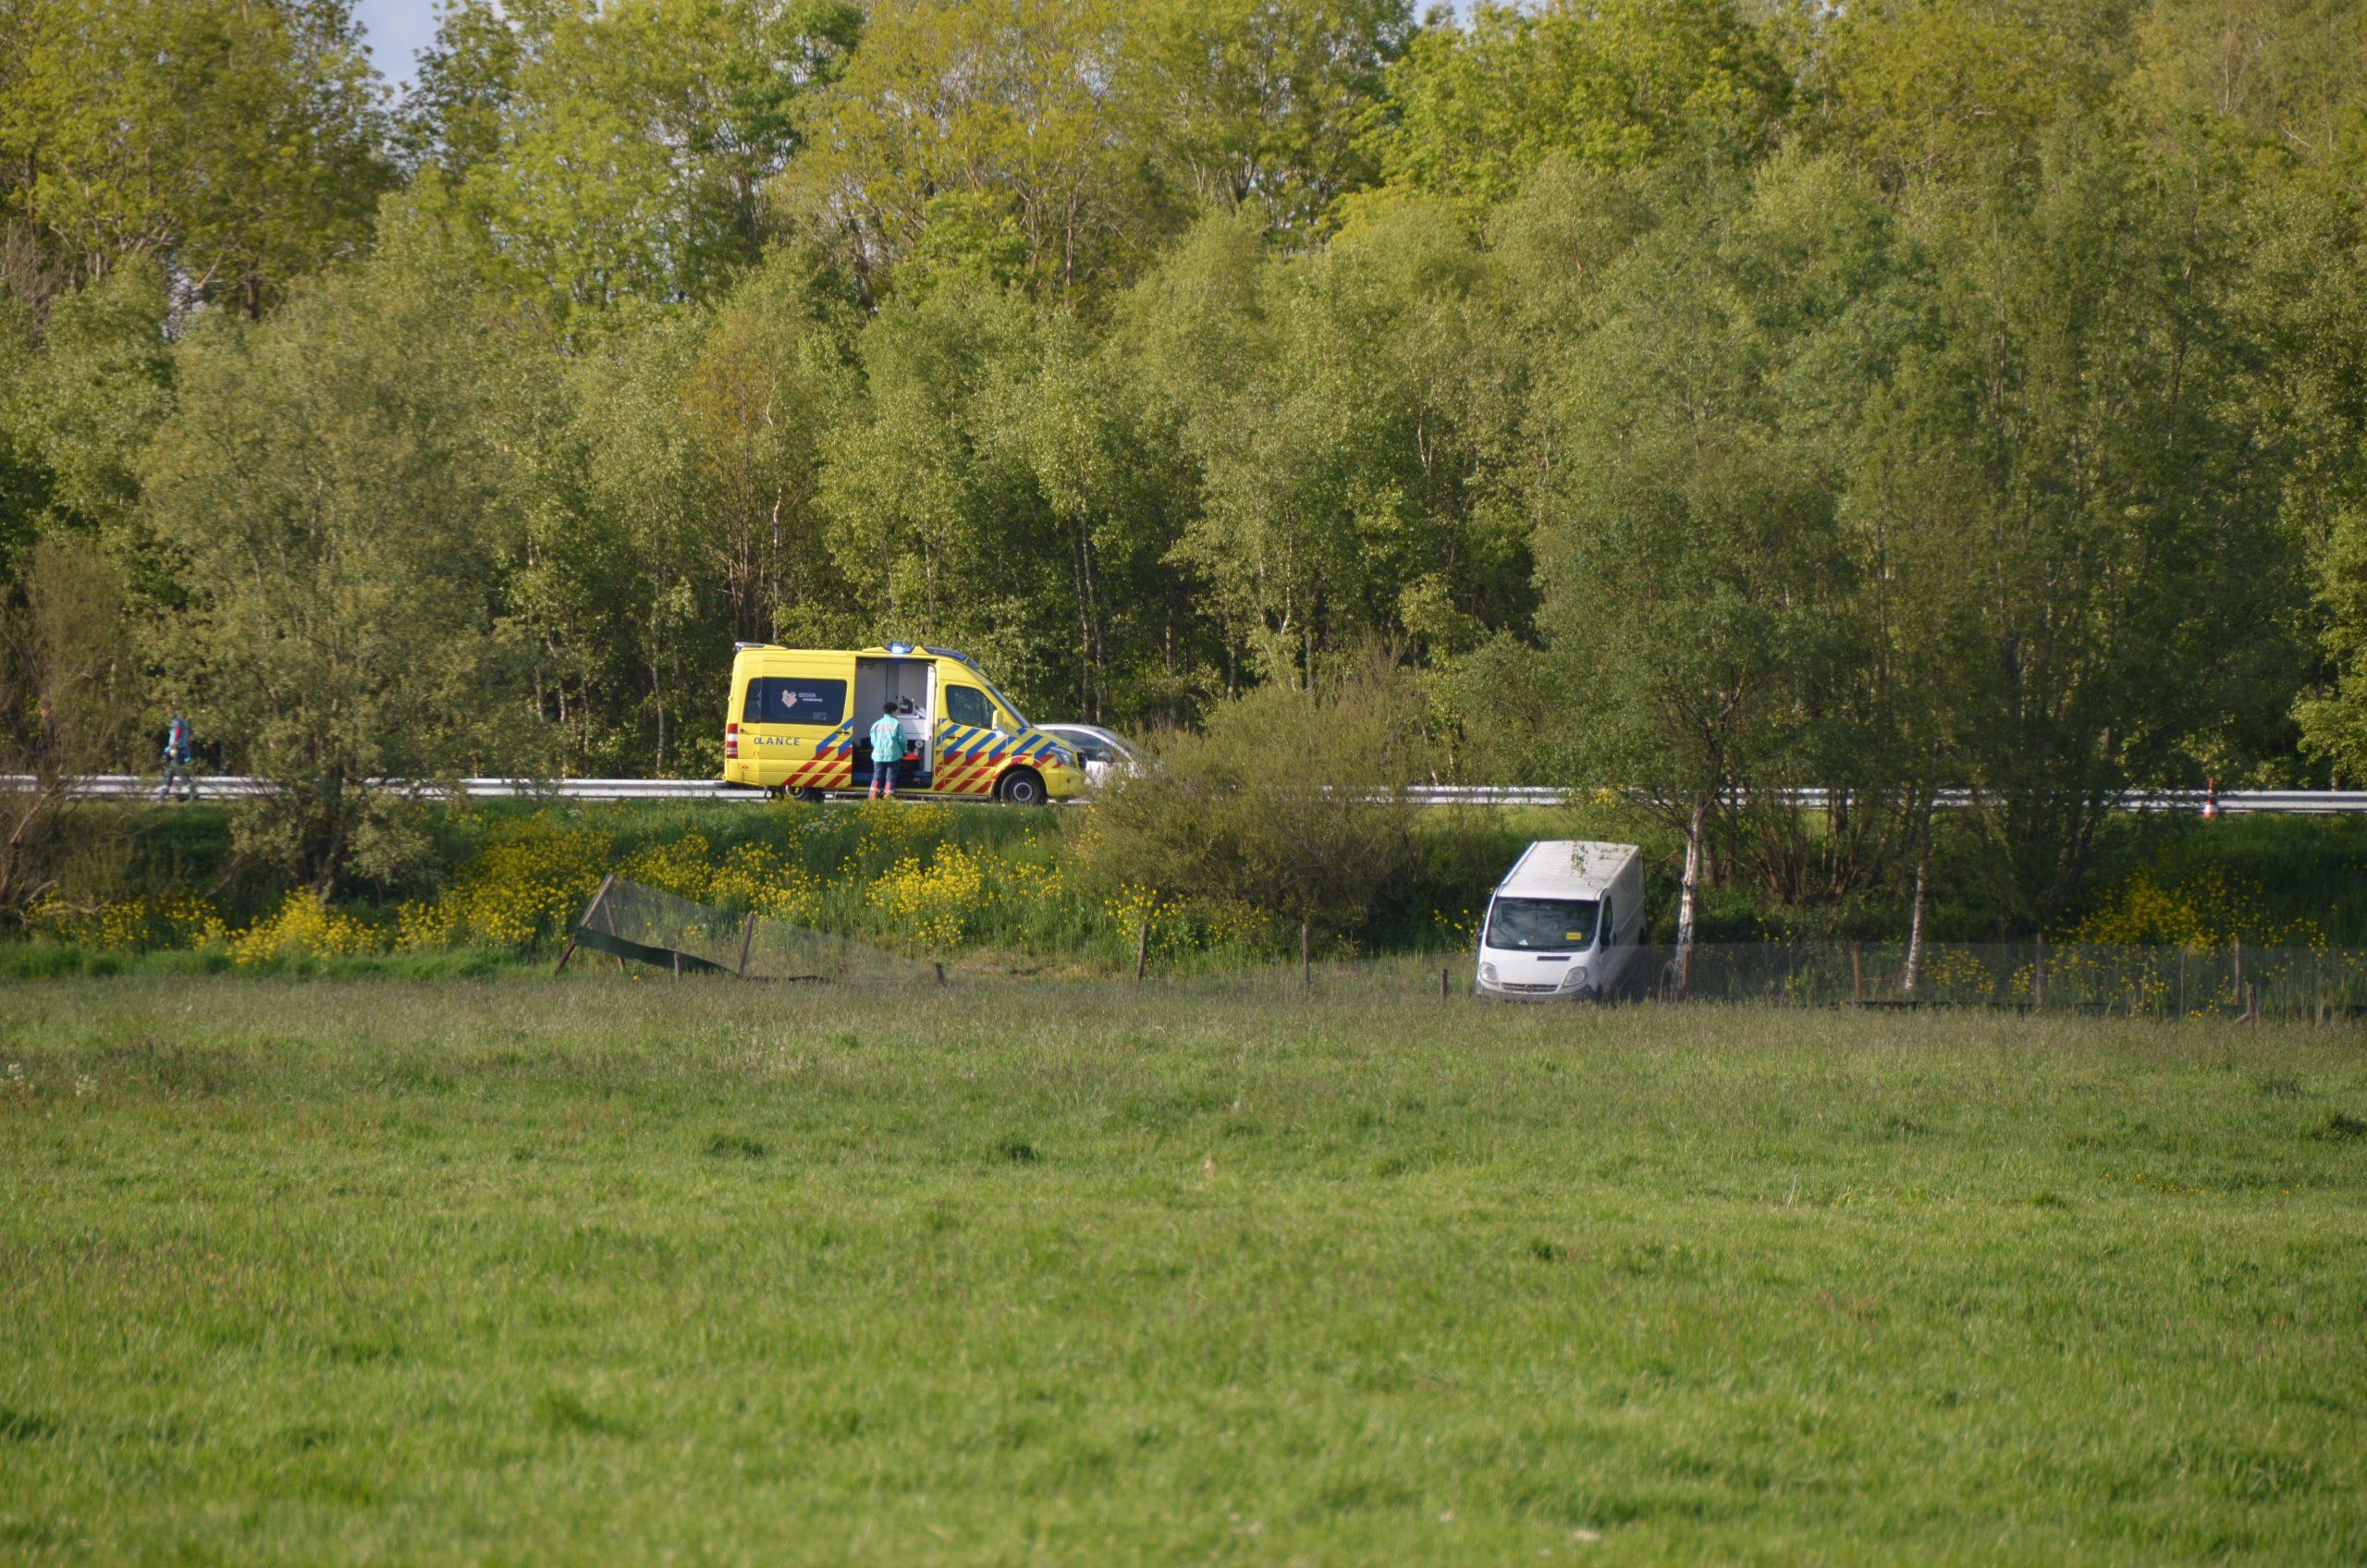 Bestel busje beland in de sloot langs de  N31 bij Warten na eenzijdig ongeval bestuurder gewond